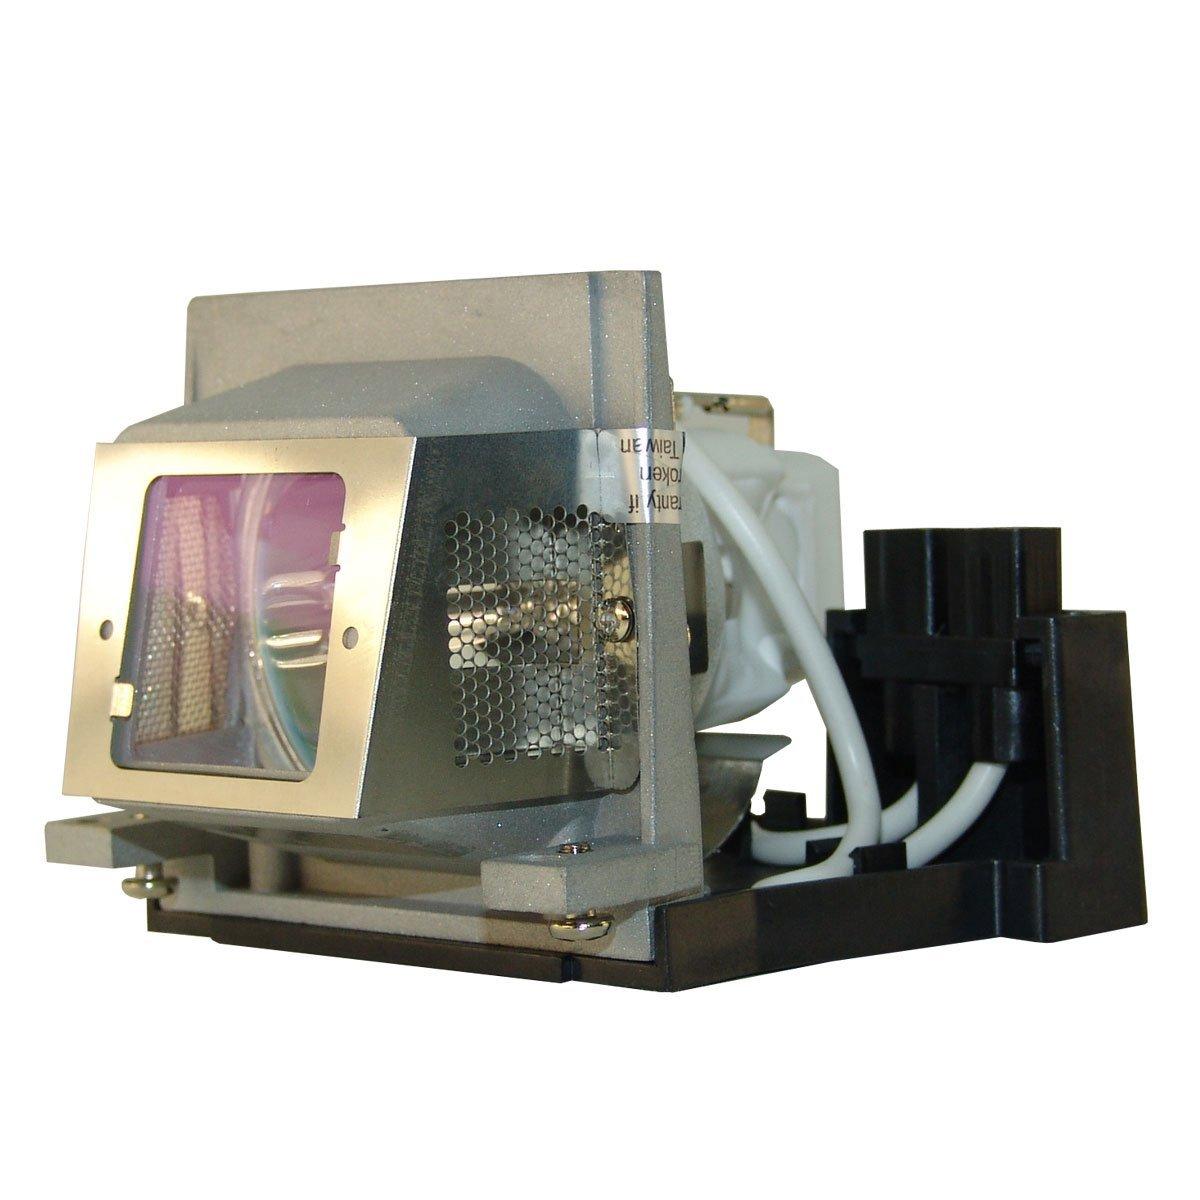 Projector Lamp Bulb RLC-018 RLC018 for VIEWSONIC PJ506 PJ506D PJ506ED PJ556 PJ556D PJ556ED with housing free shipping replacement projector lamp rlc 018 for viewsonic pj506d pj556d